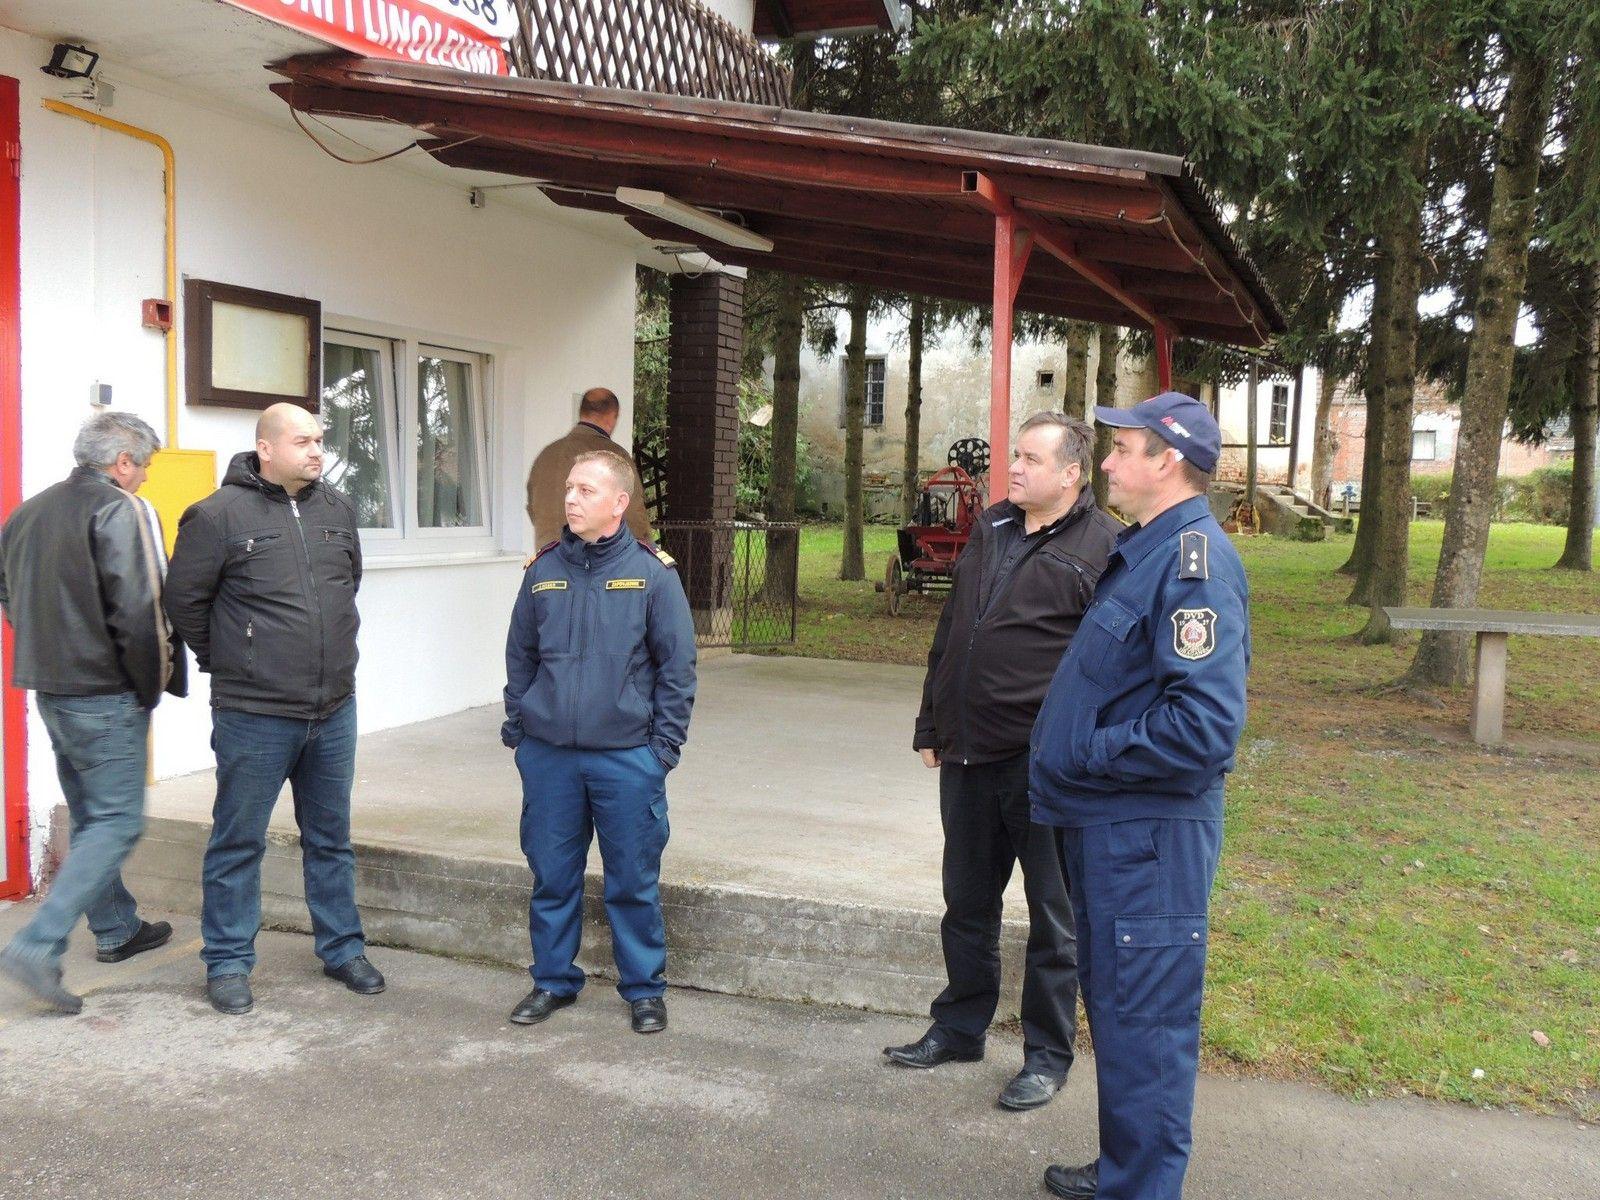 Grad Čazma uložio 50 tisuća kuna u obnovu vatrogasnih domova u Bojani i Gornjem Dragancu